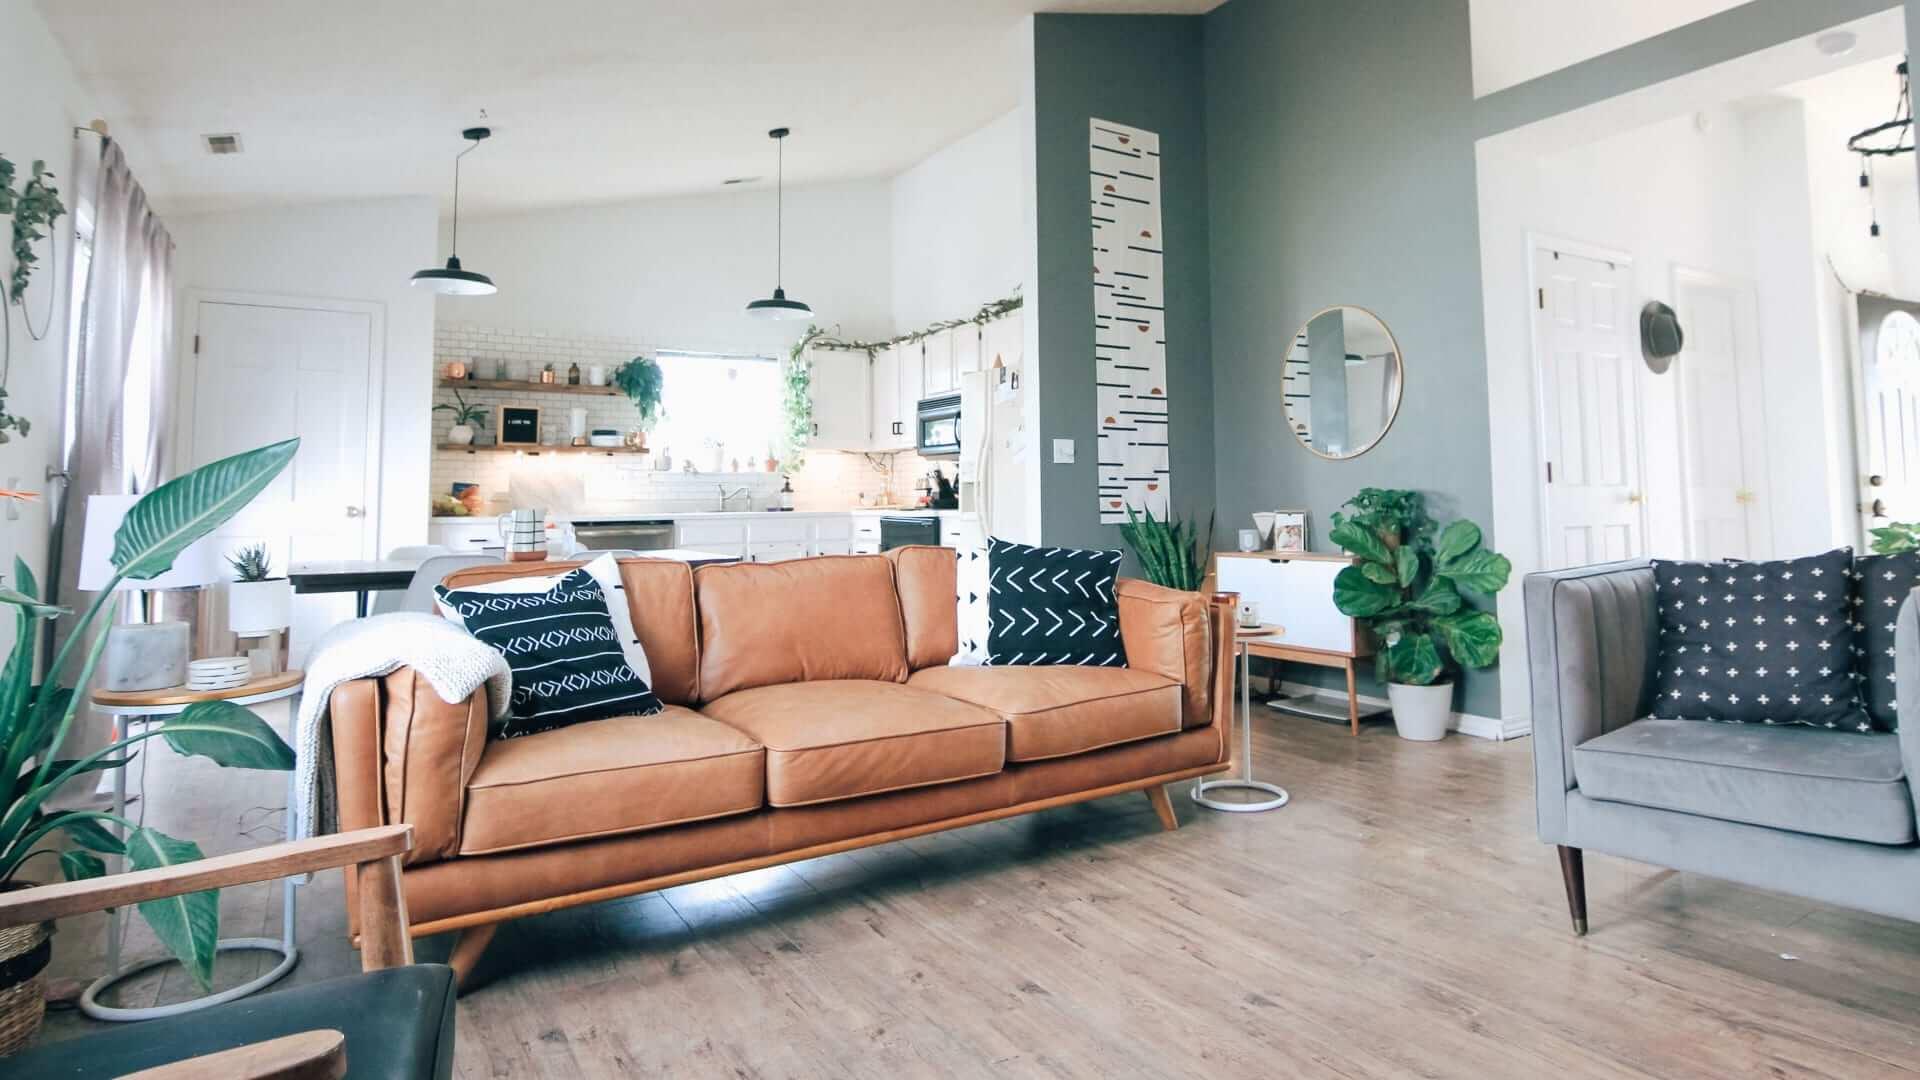 Gezinswoning, eerste aankoop, woonlening, woonkrediet, hypotheek, Diest, Maes Group, financiering